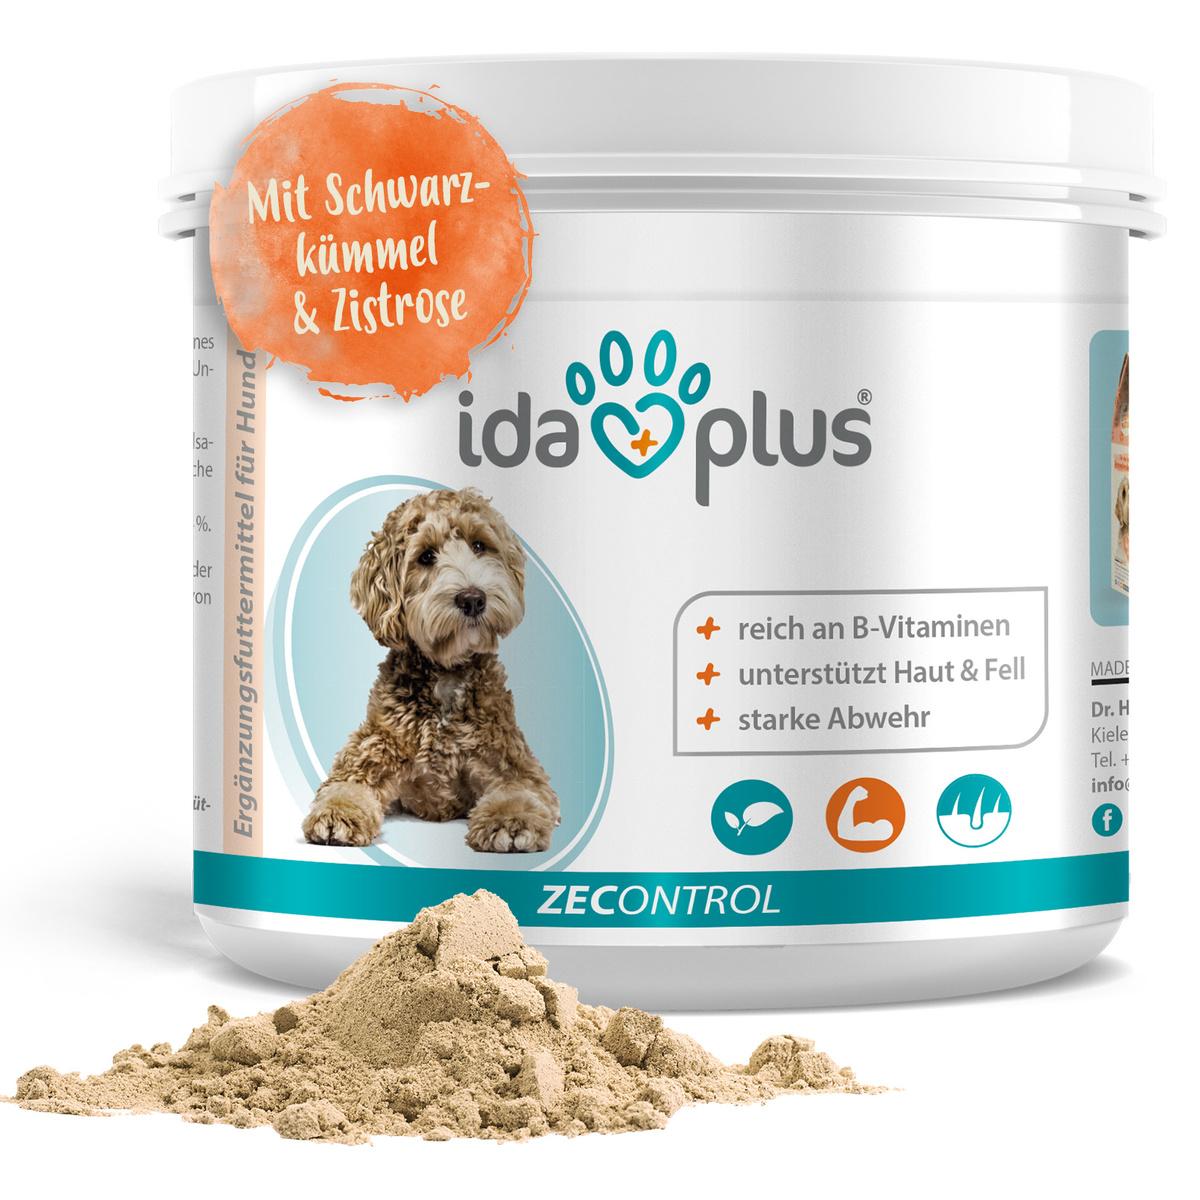 ZECONTROL 250g – Das natürliche Zeckenmittel für Hunde - Schwarzkümmelöl, Bierhefe